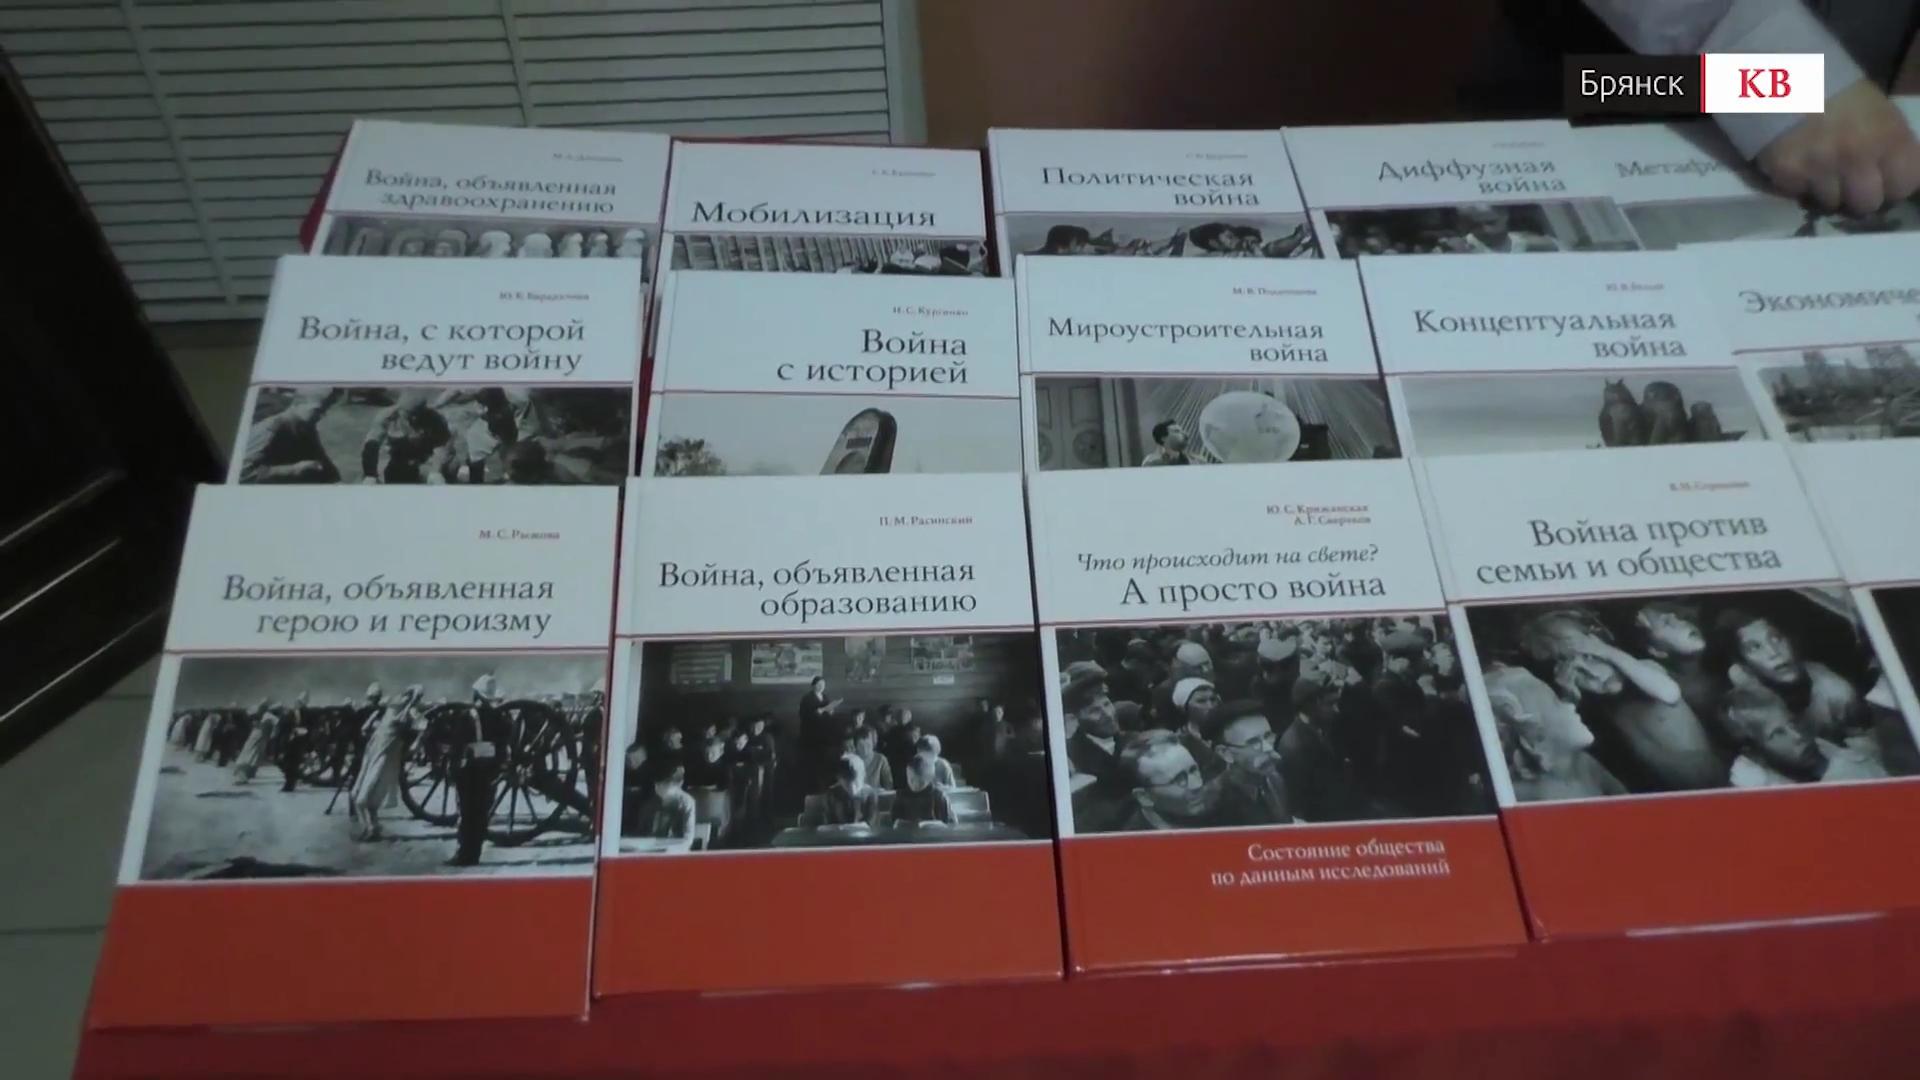 20171023-«Октябрьская революция: мифы и реальность» – конференция «Сути времени» с участием Кургиняна, Брянск